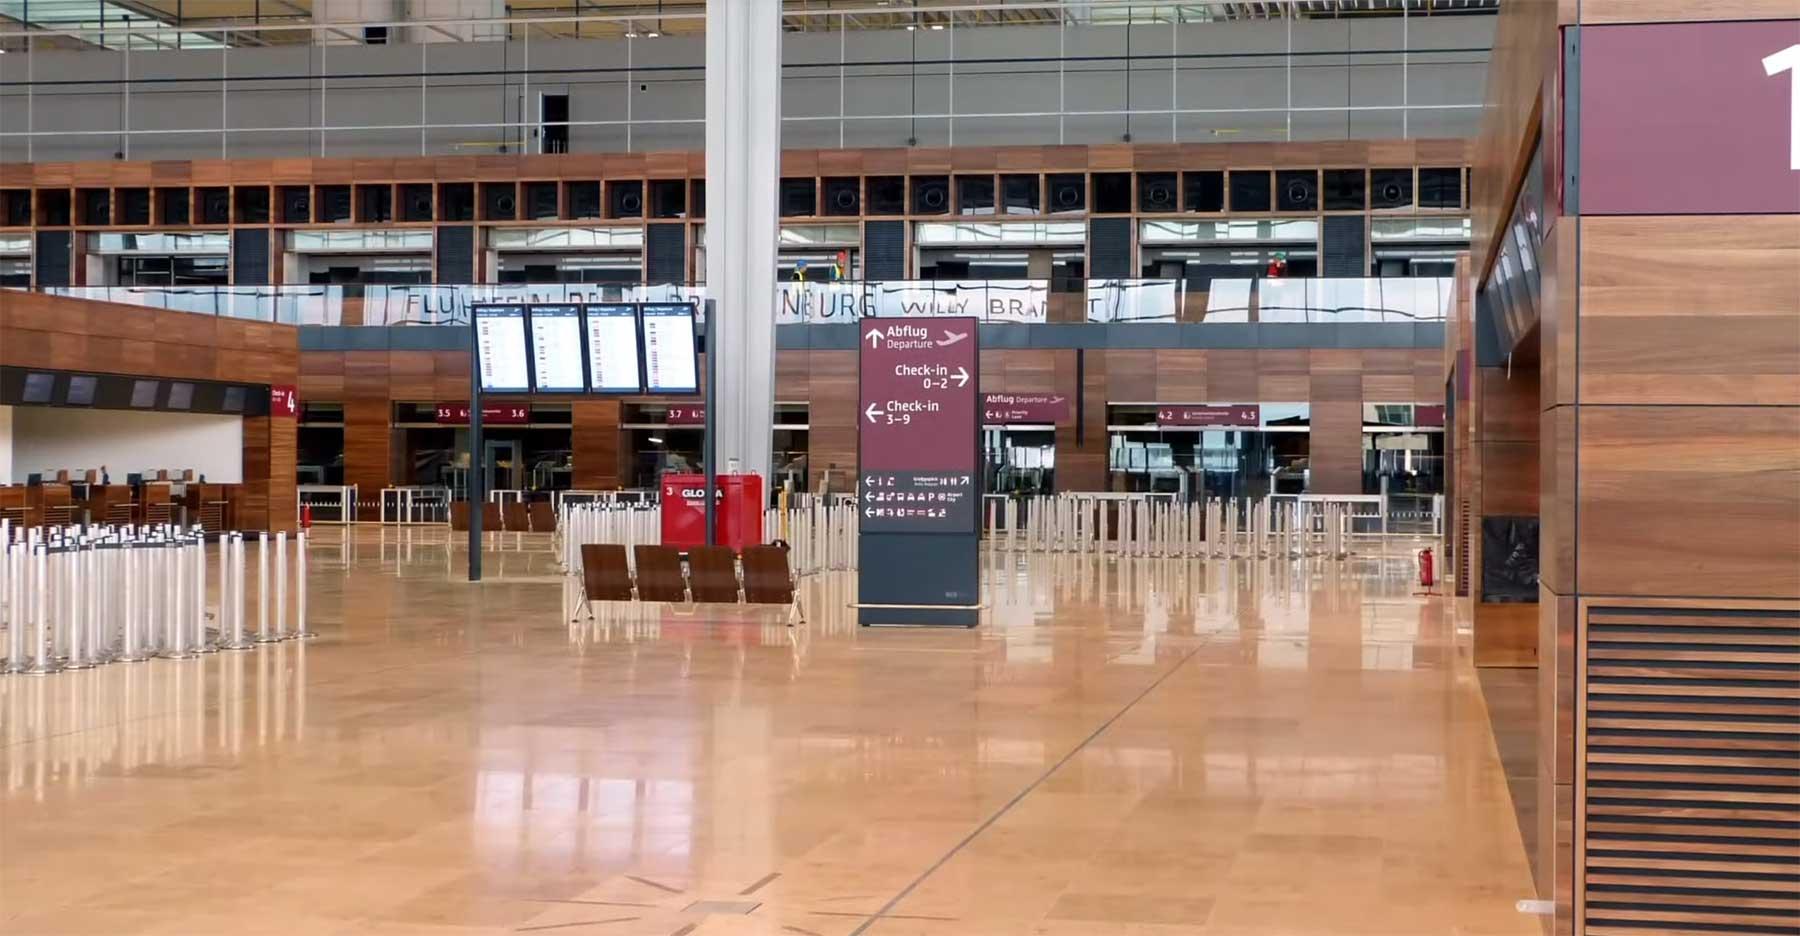 Deshalb ist der neue BER Flughafen Berlin Brandenburg noch immer nicht fertig BER-FLughafen-berlin-brandenburg-nicht-fertig